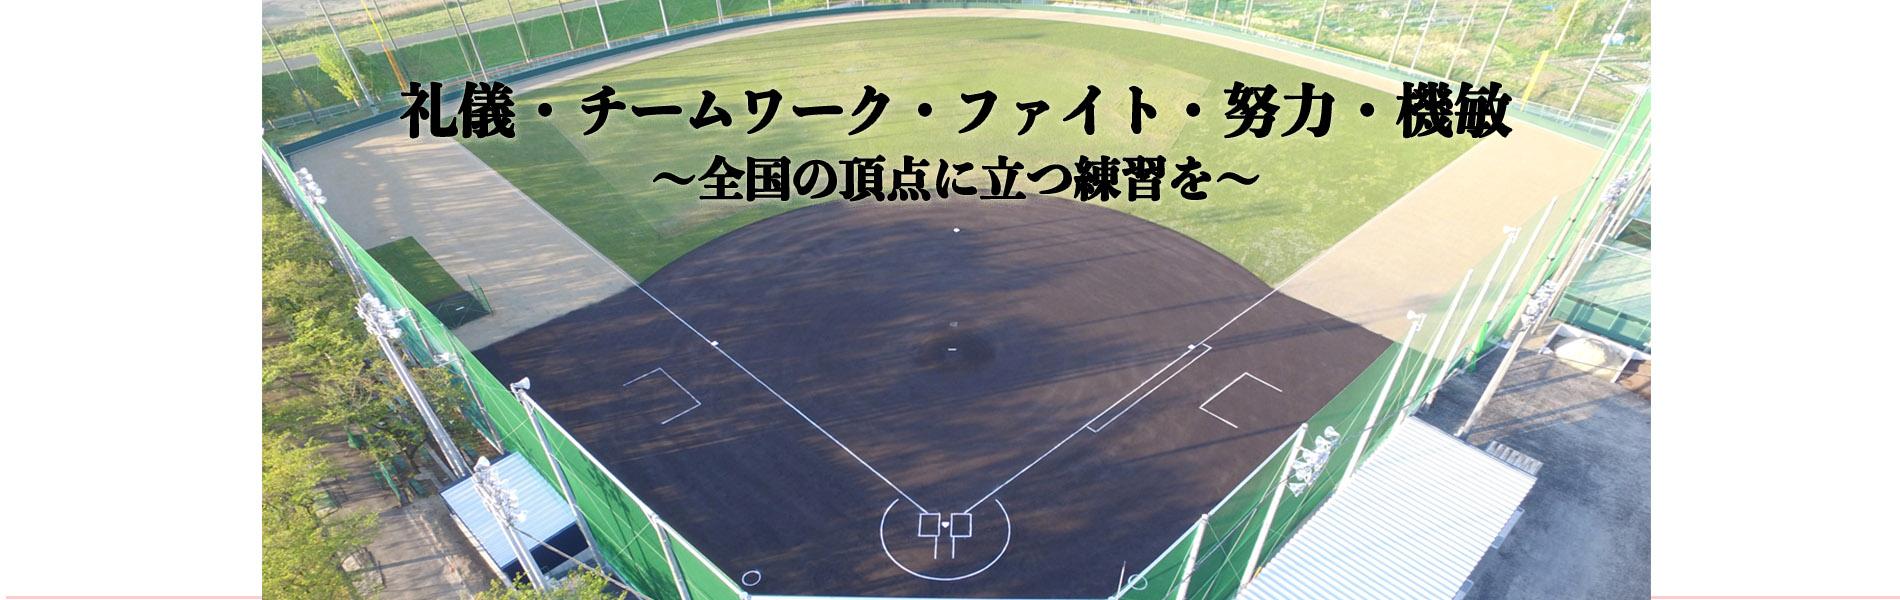 名電高校の野球部WEBサイトのTOPページ画像3です。